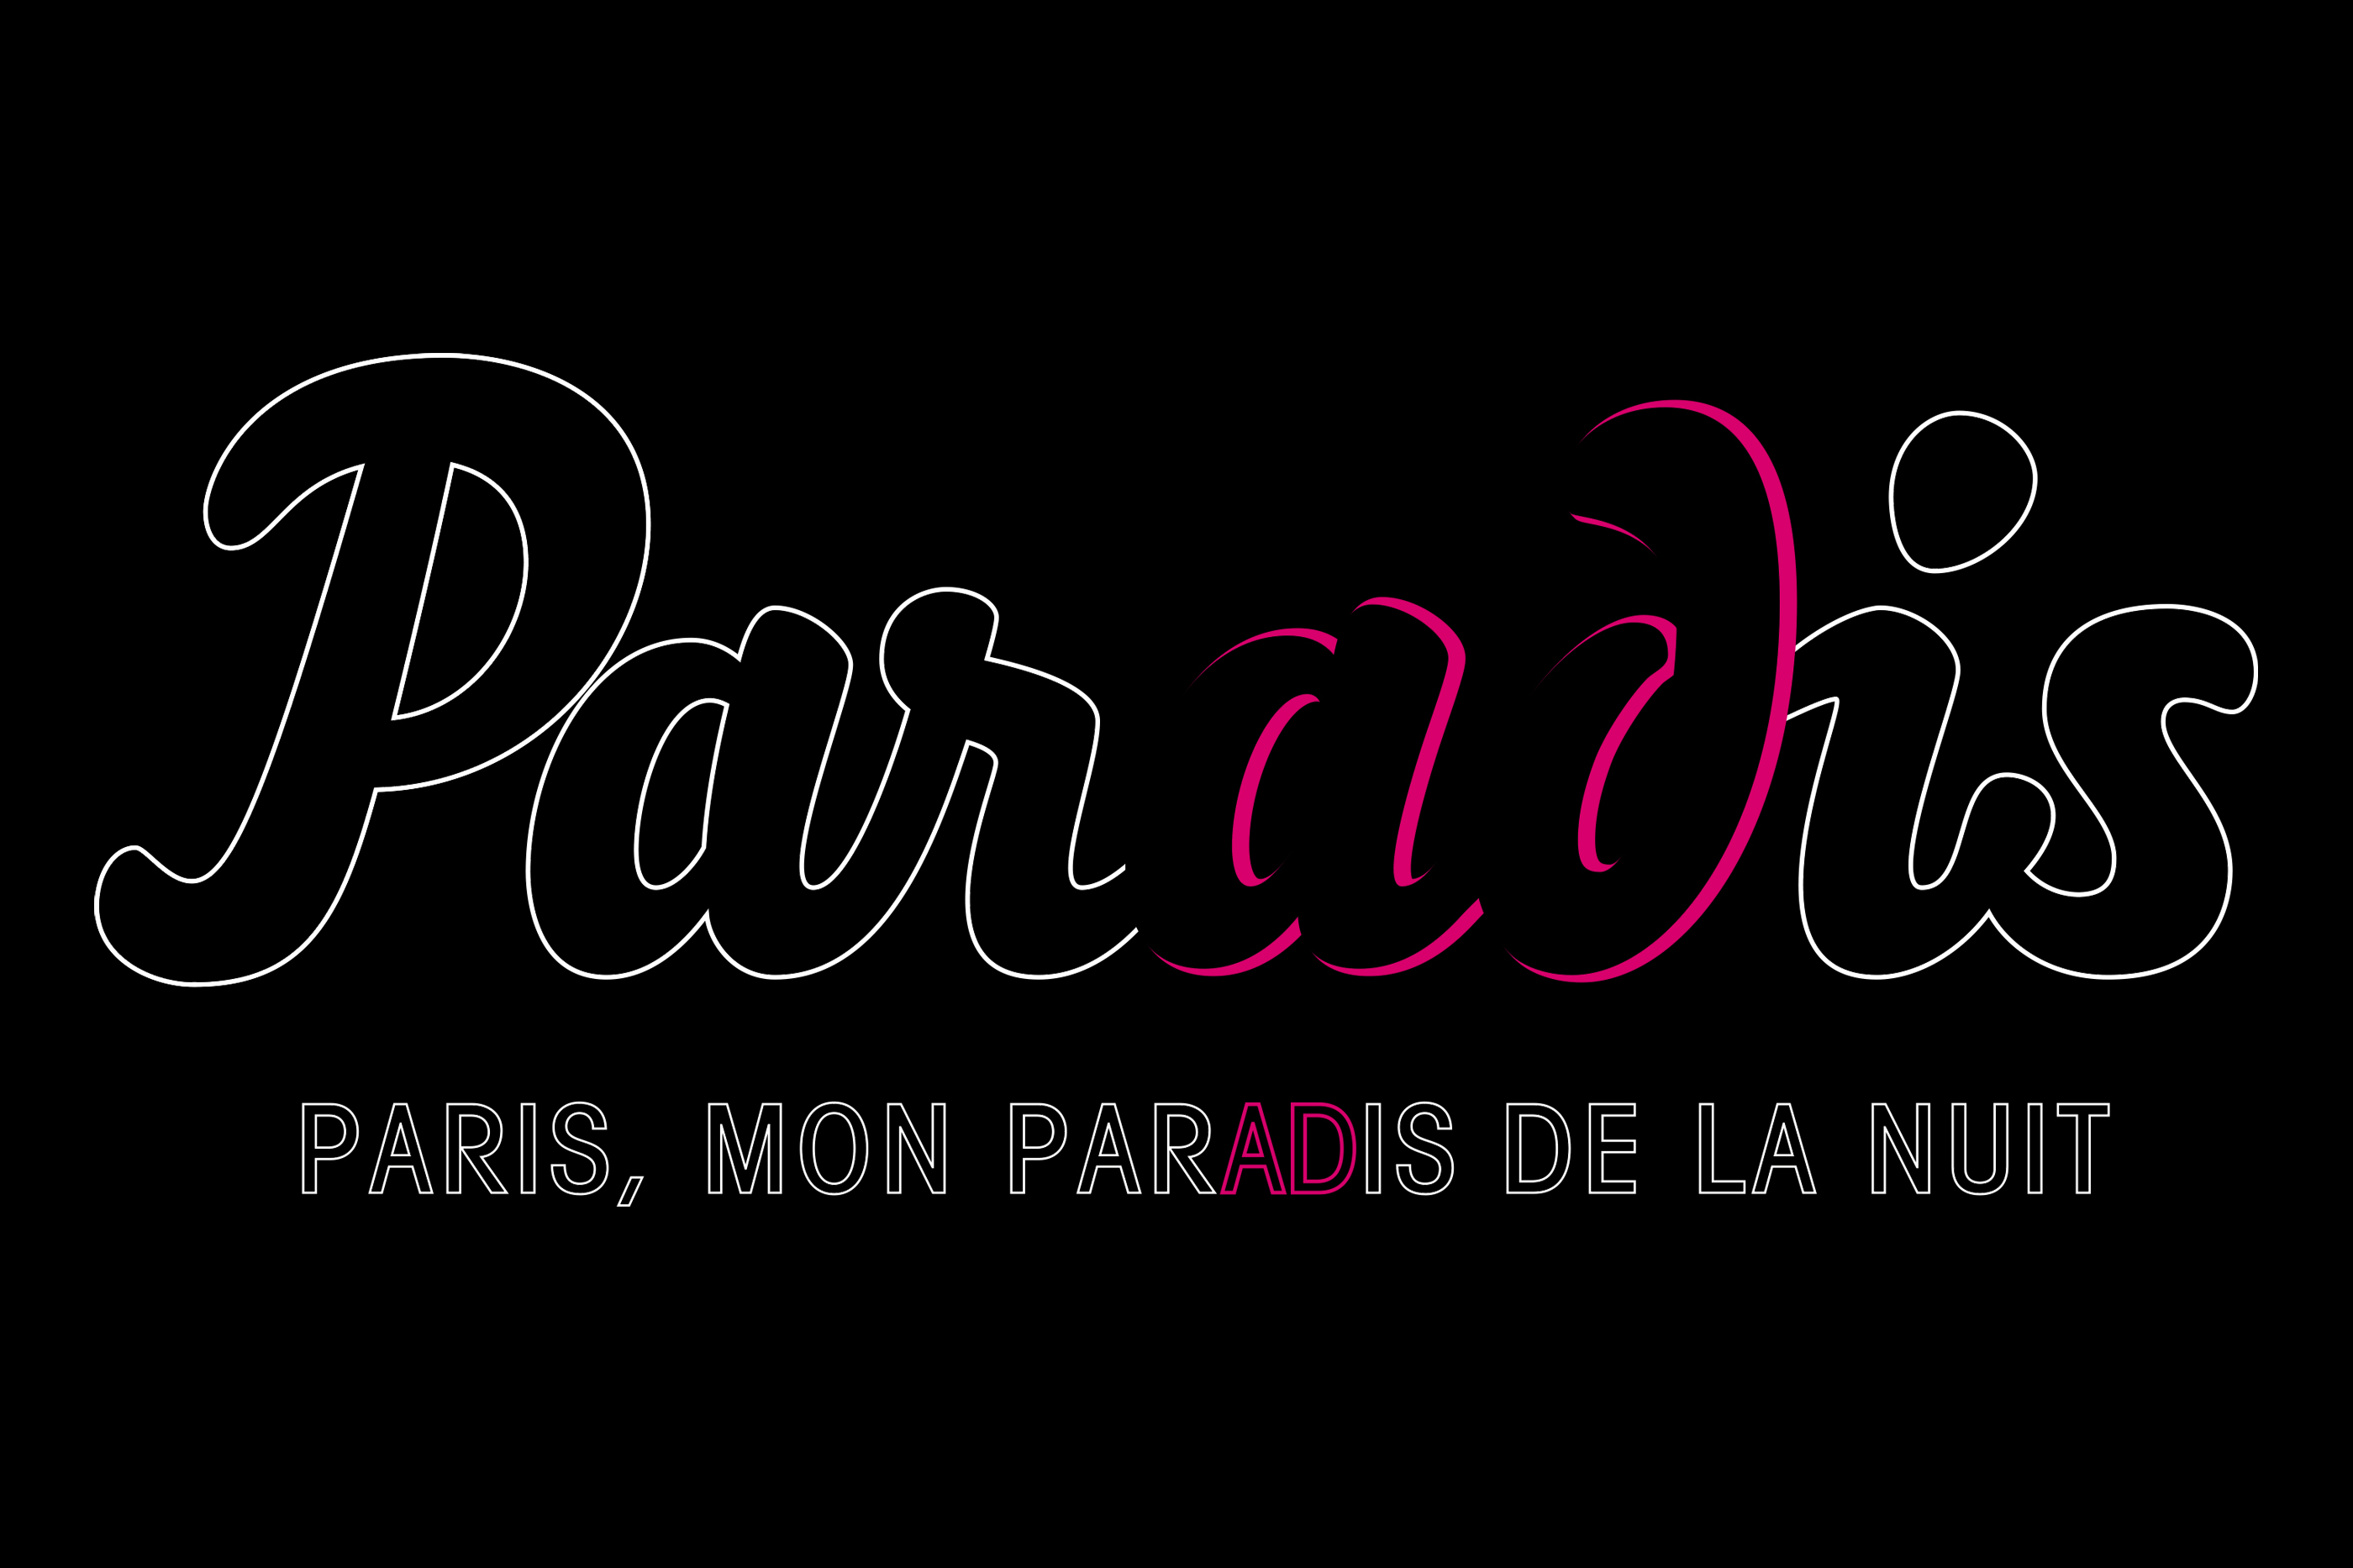 Paradis de la nuit